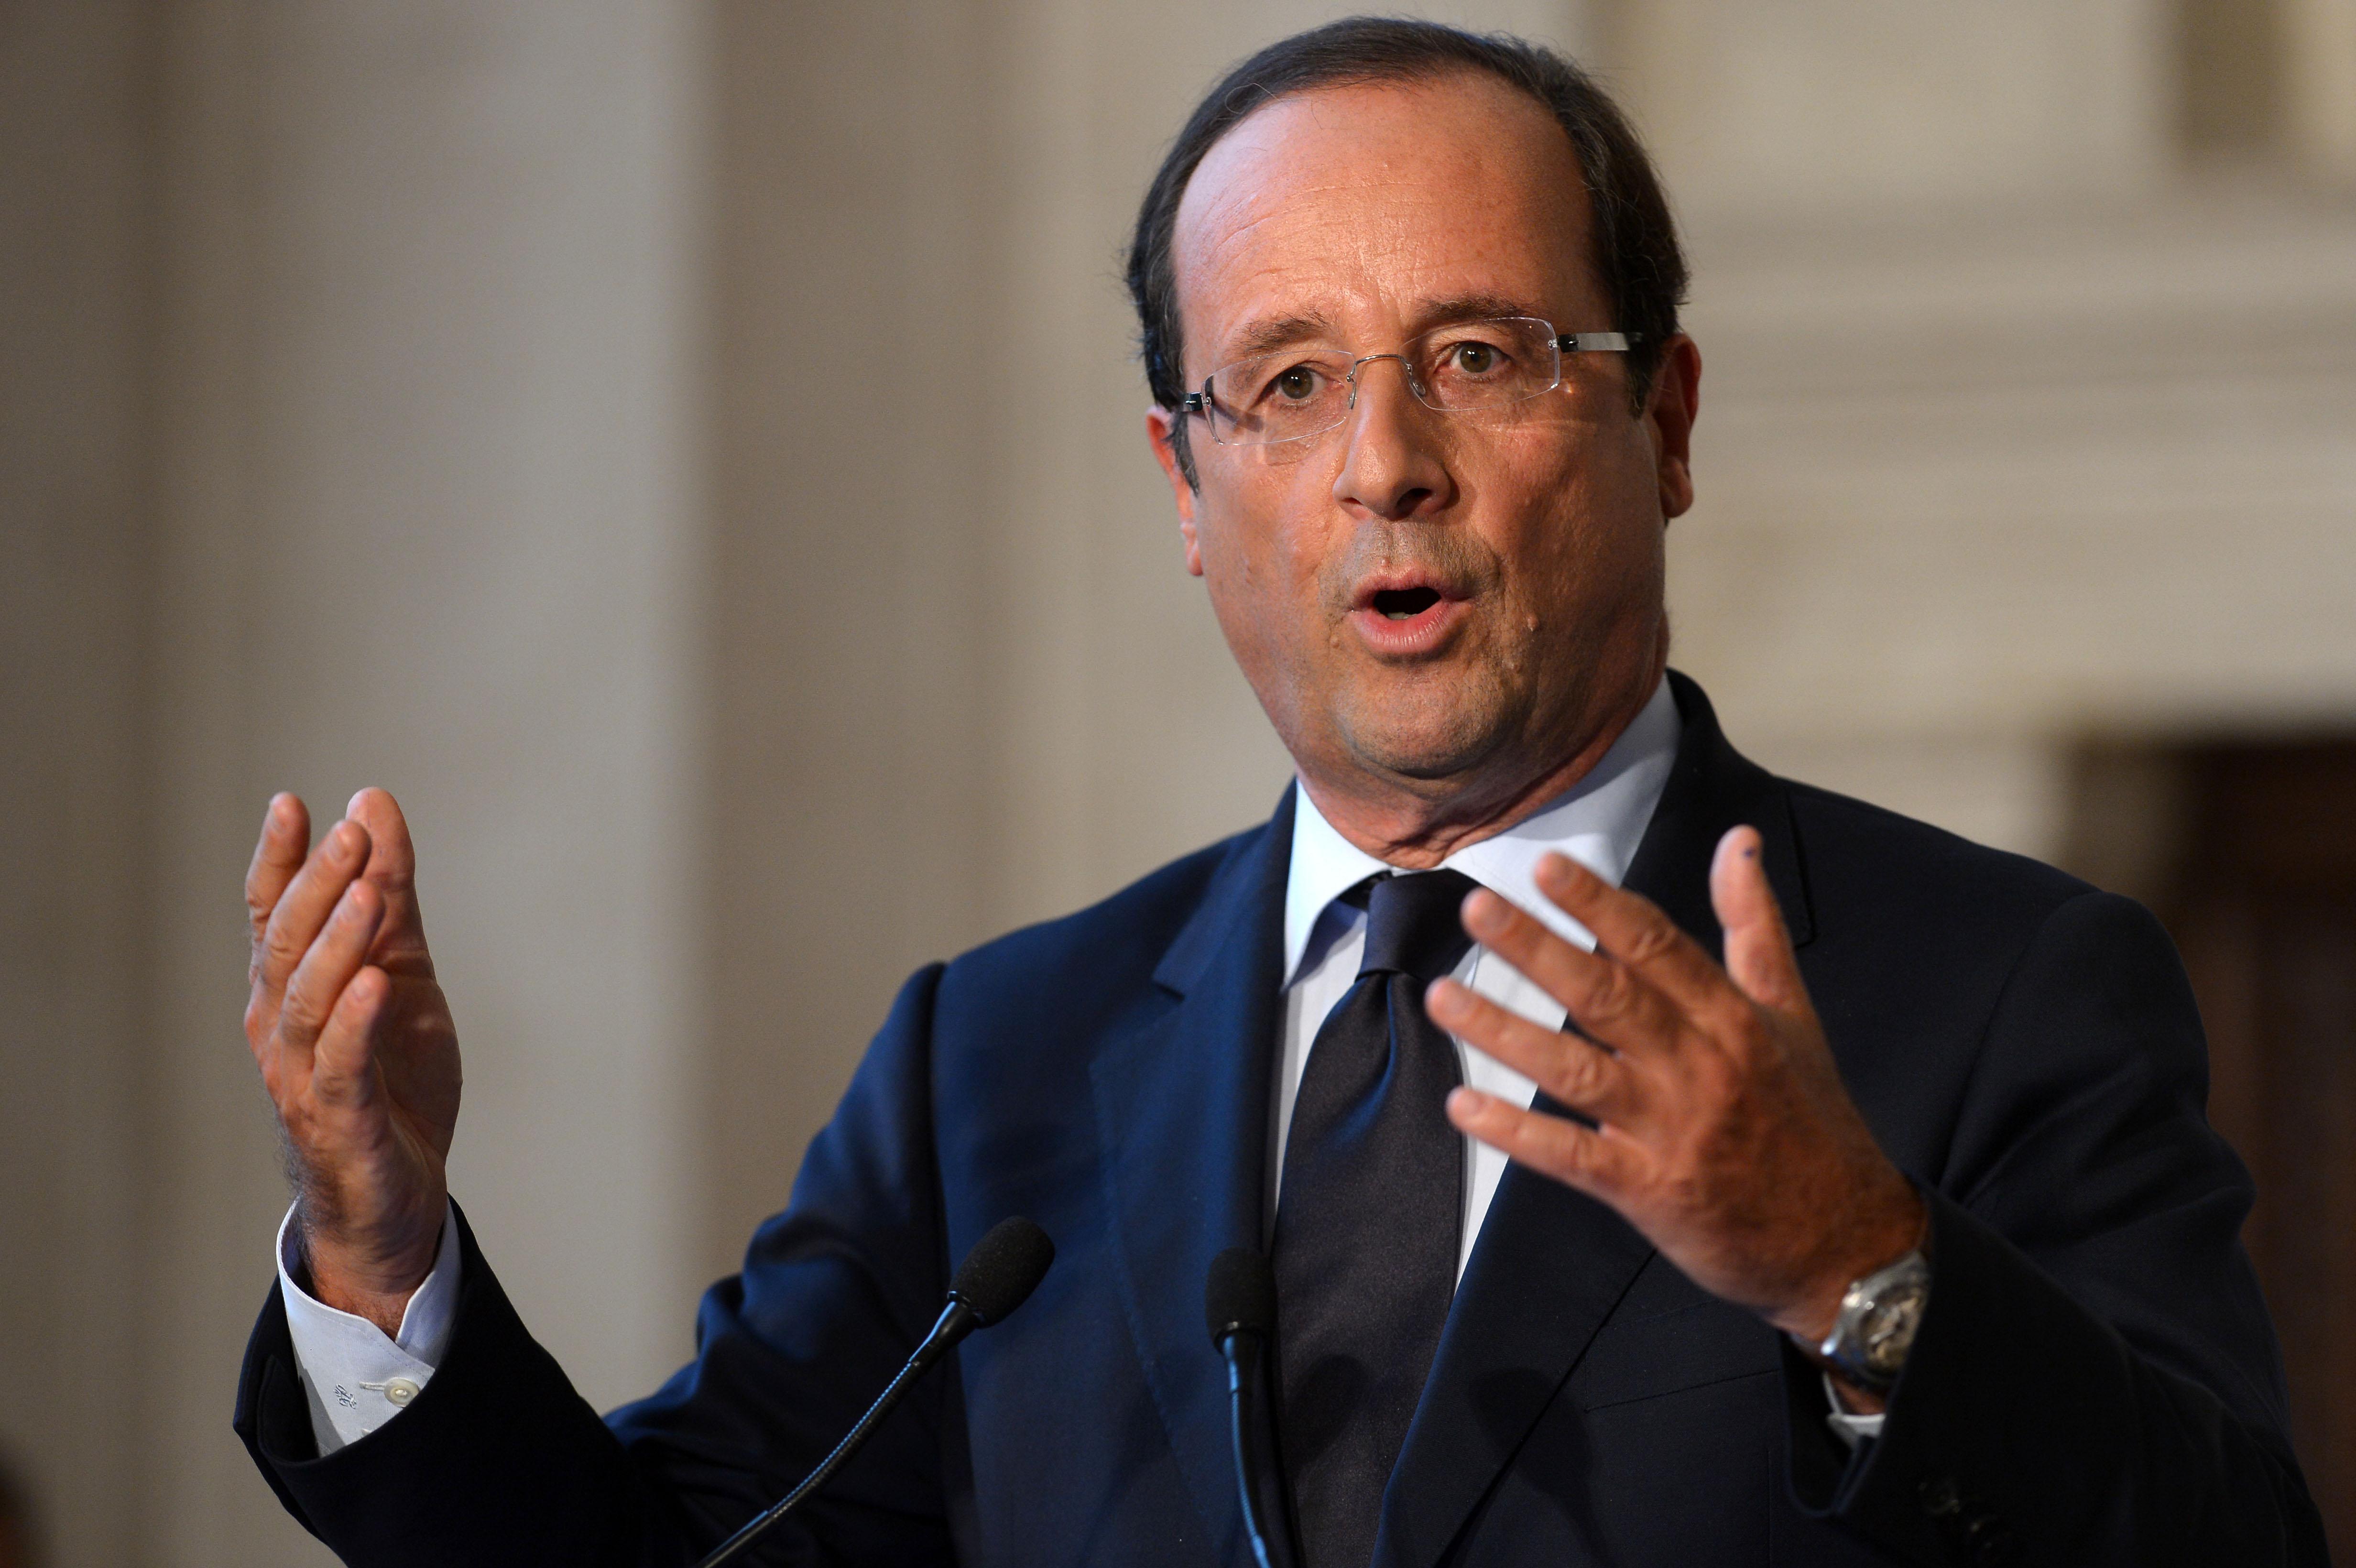 Hollande en Afrique du Sud pour promouvoir les relations bilatérales